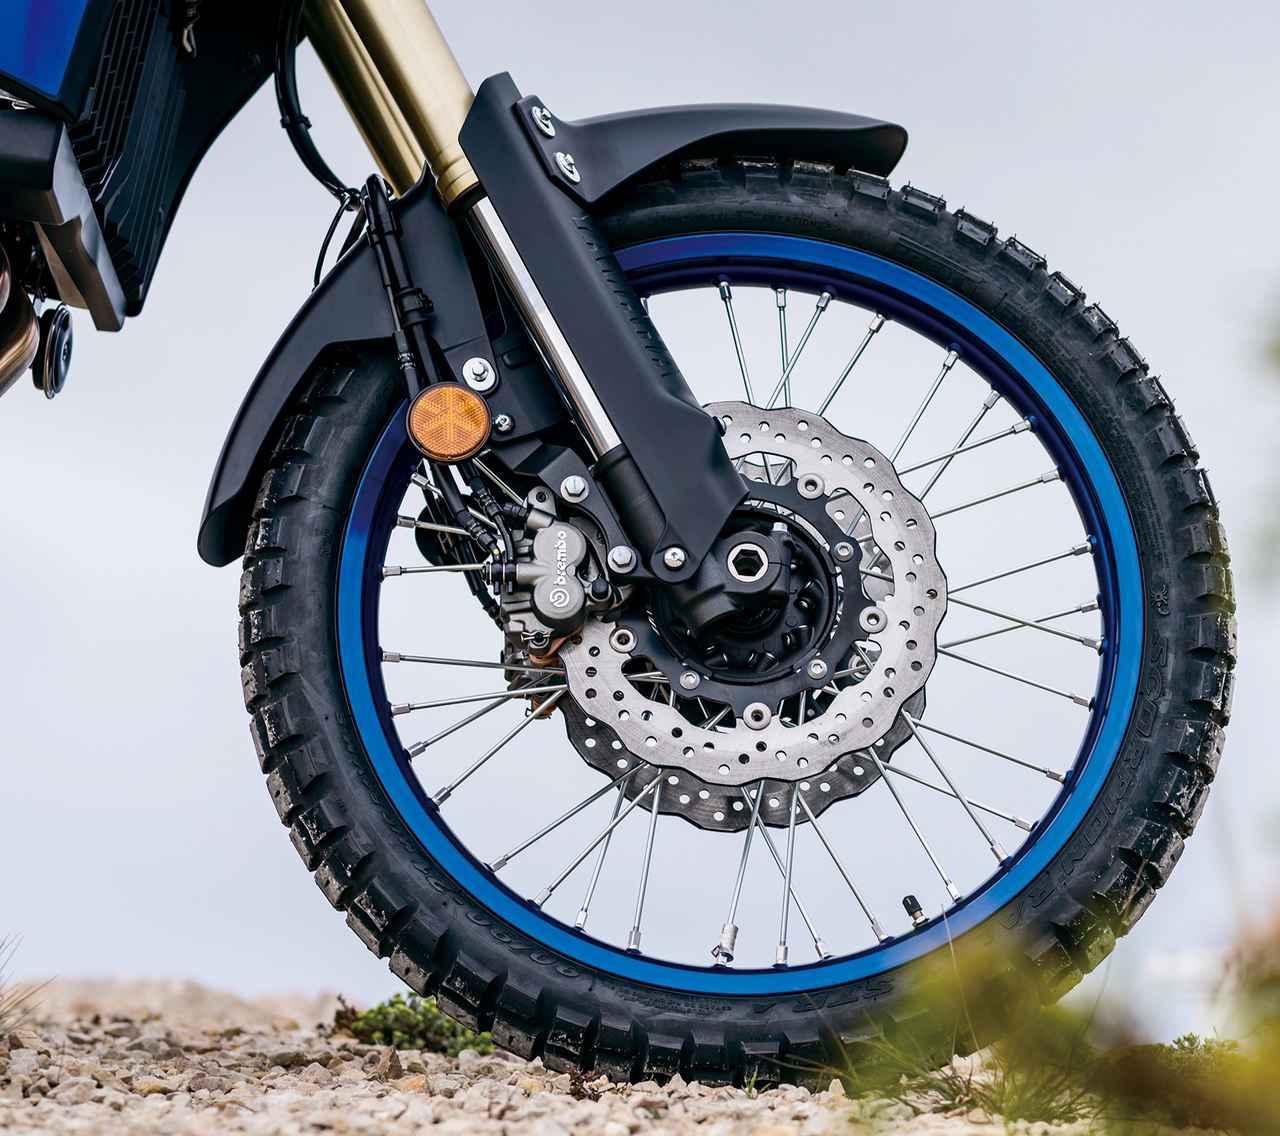 画像: オフロードタイヤを履いたり、泥の中を走った時の詰まりを軽減するため、フェンダーは上下にスライドできるようにマウントされている。